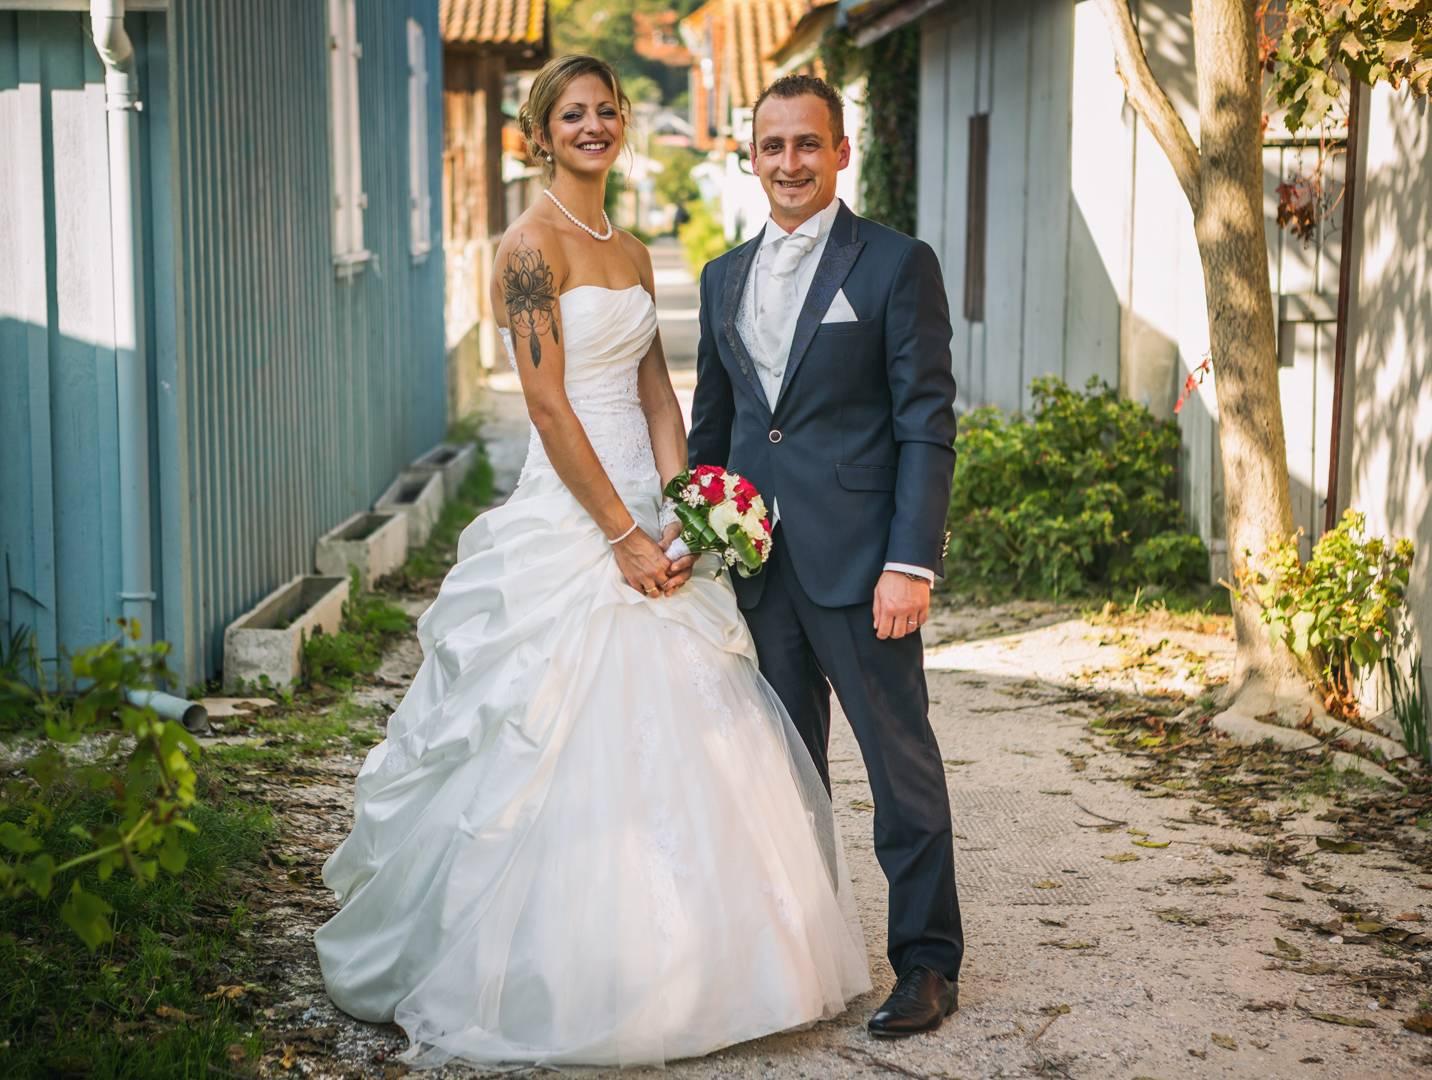 Clément Viala photographe de portraits & mariages